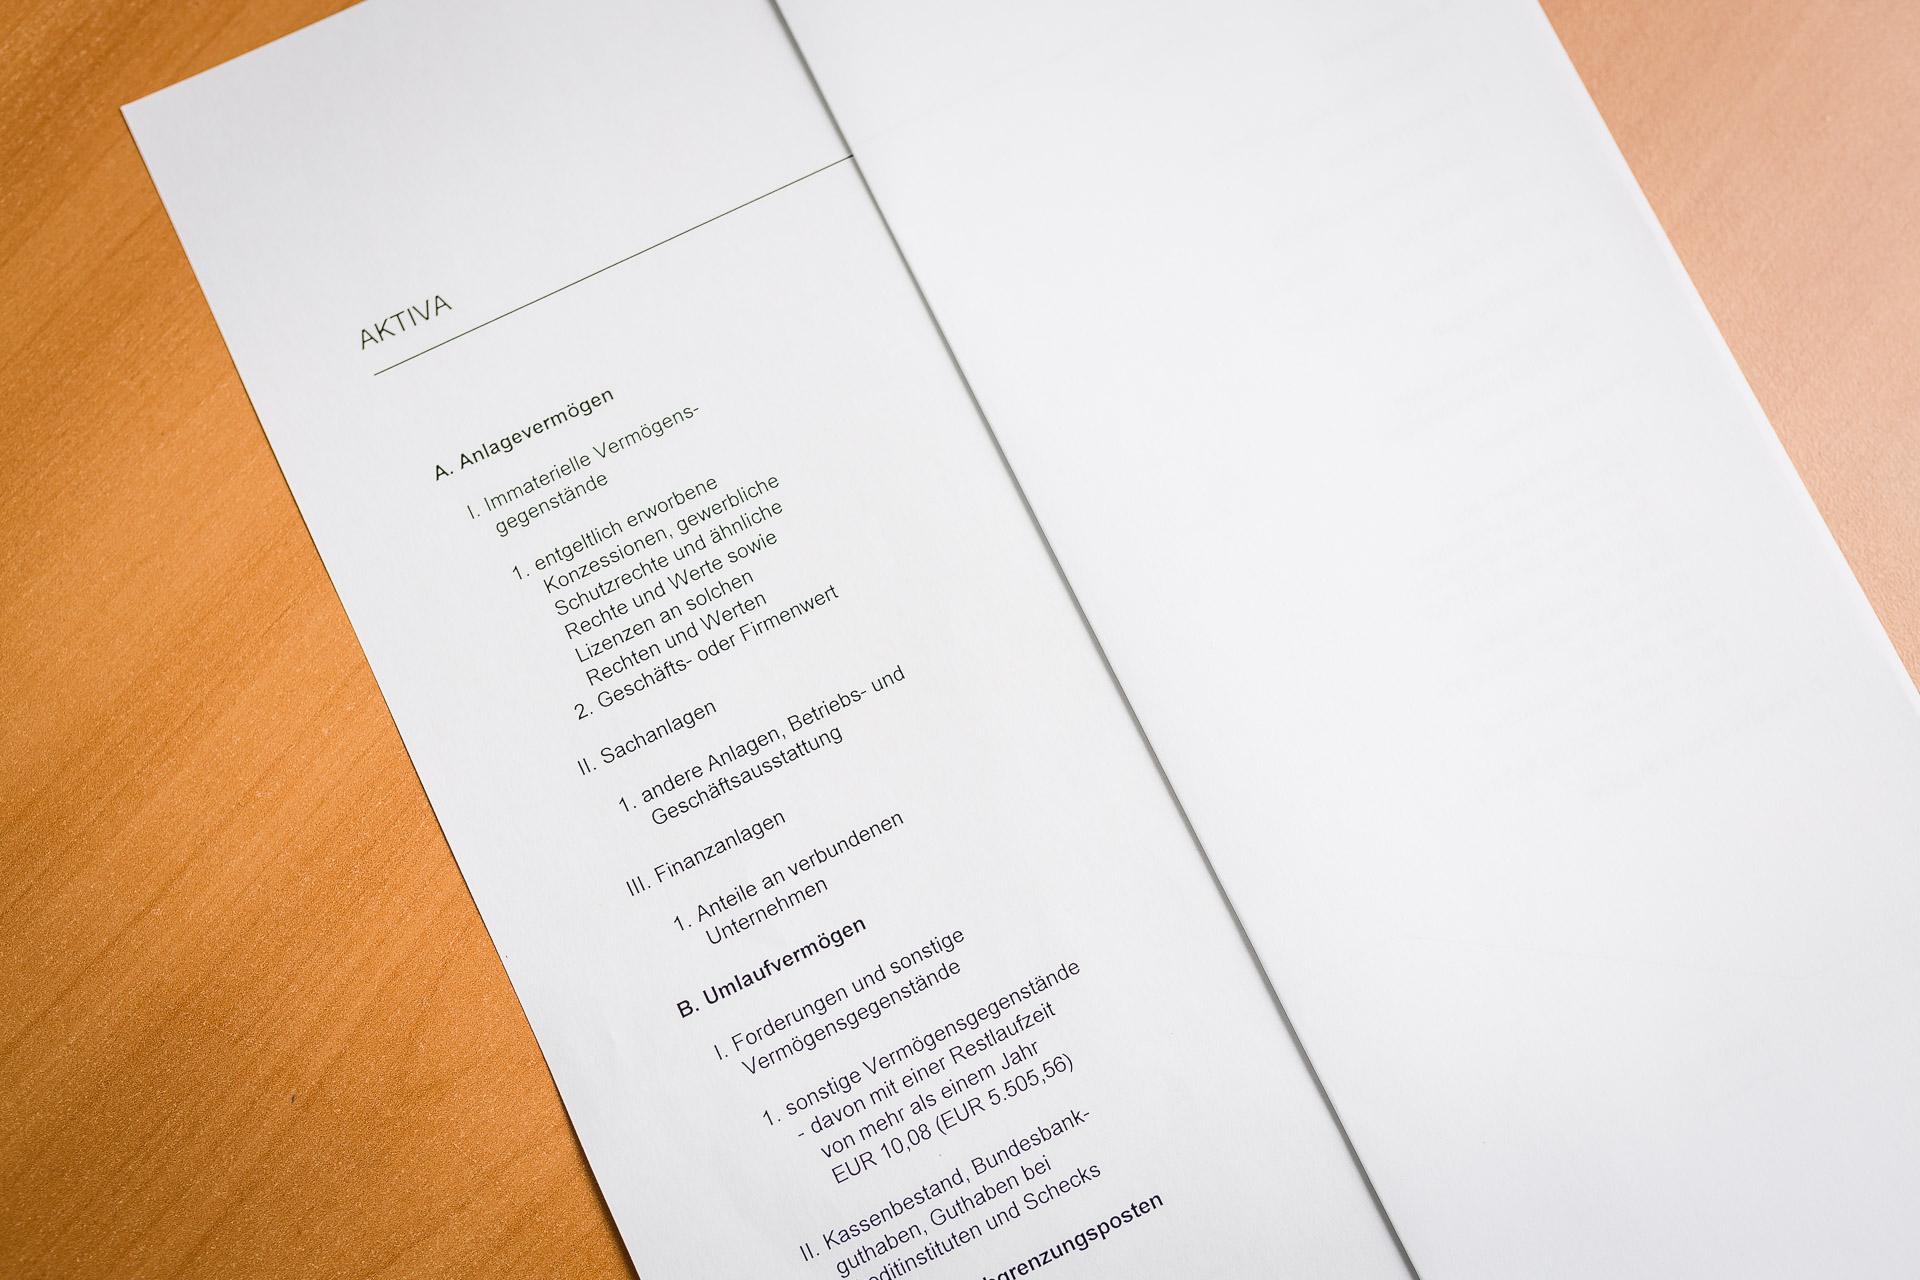 Jahresabschluss erstellt von der Steuerkanzlei Buchholz